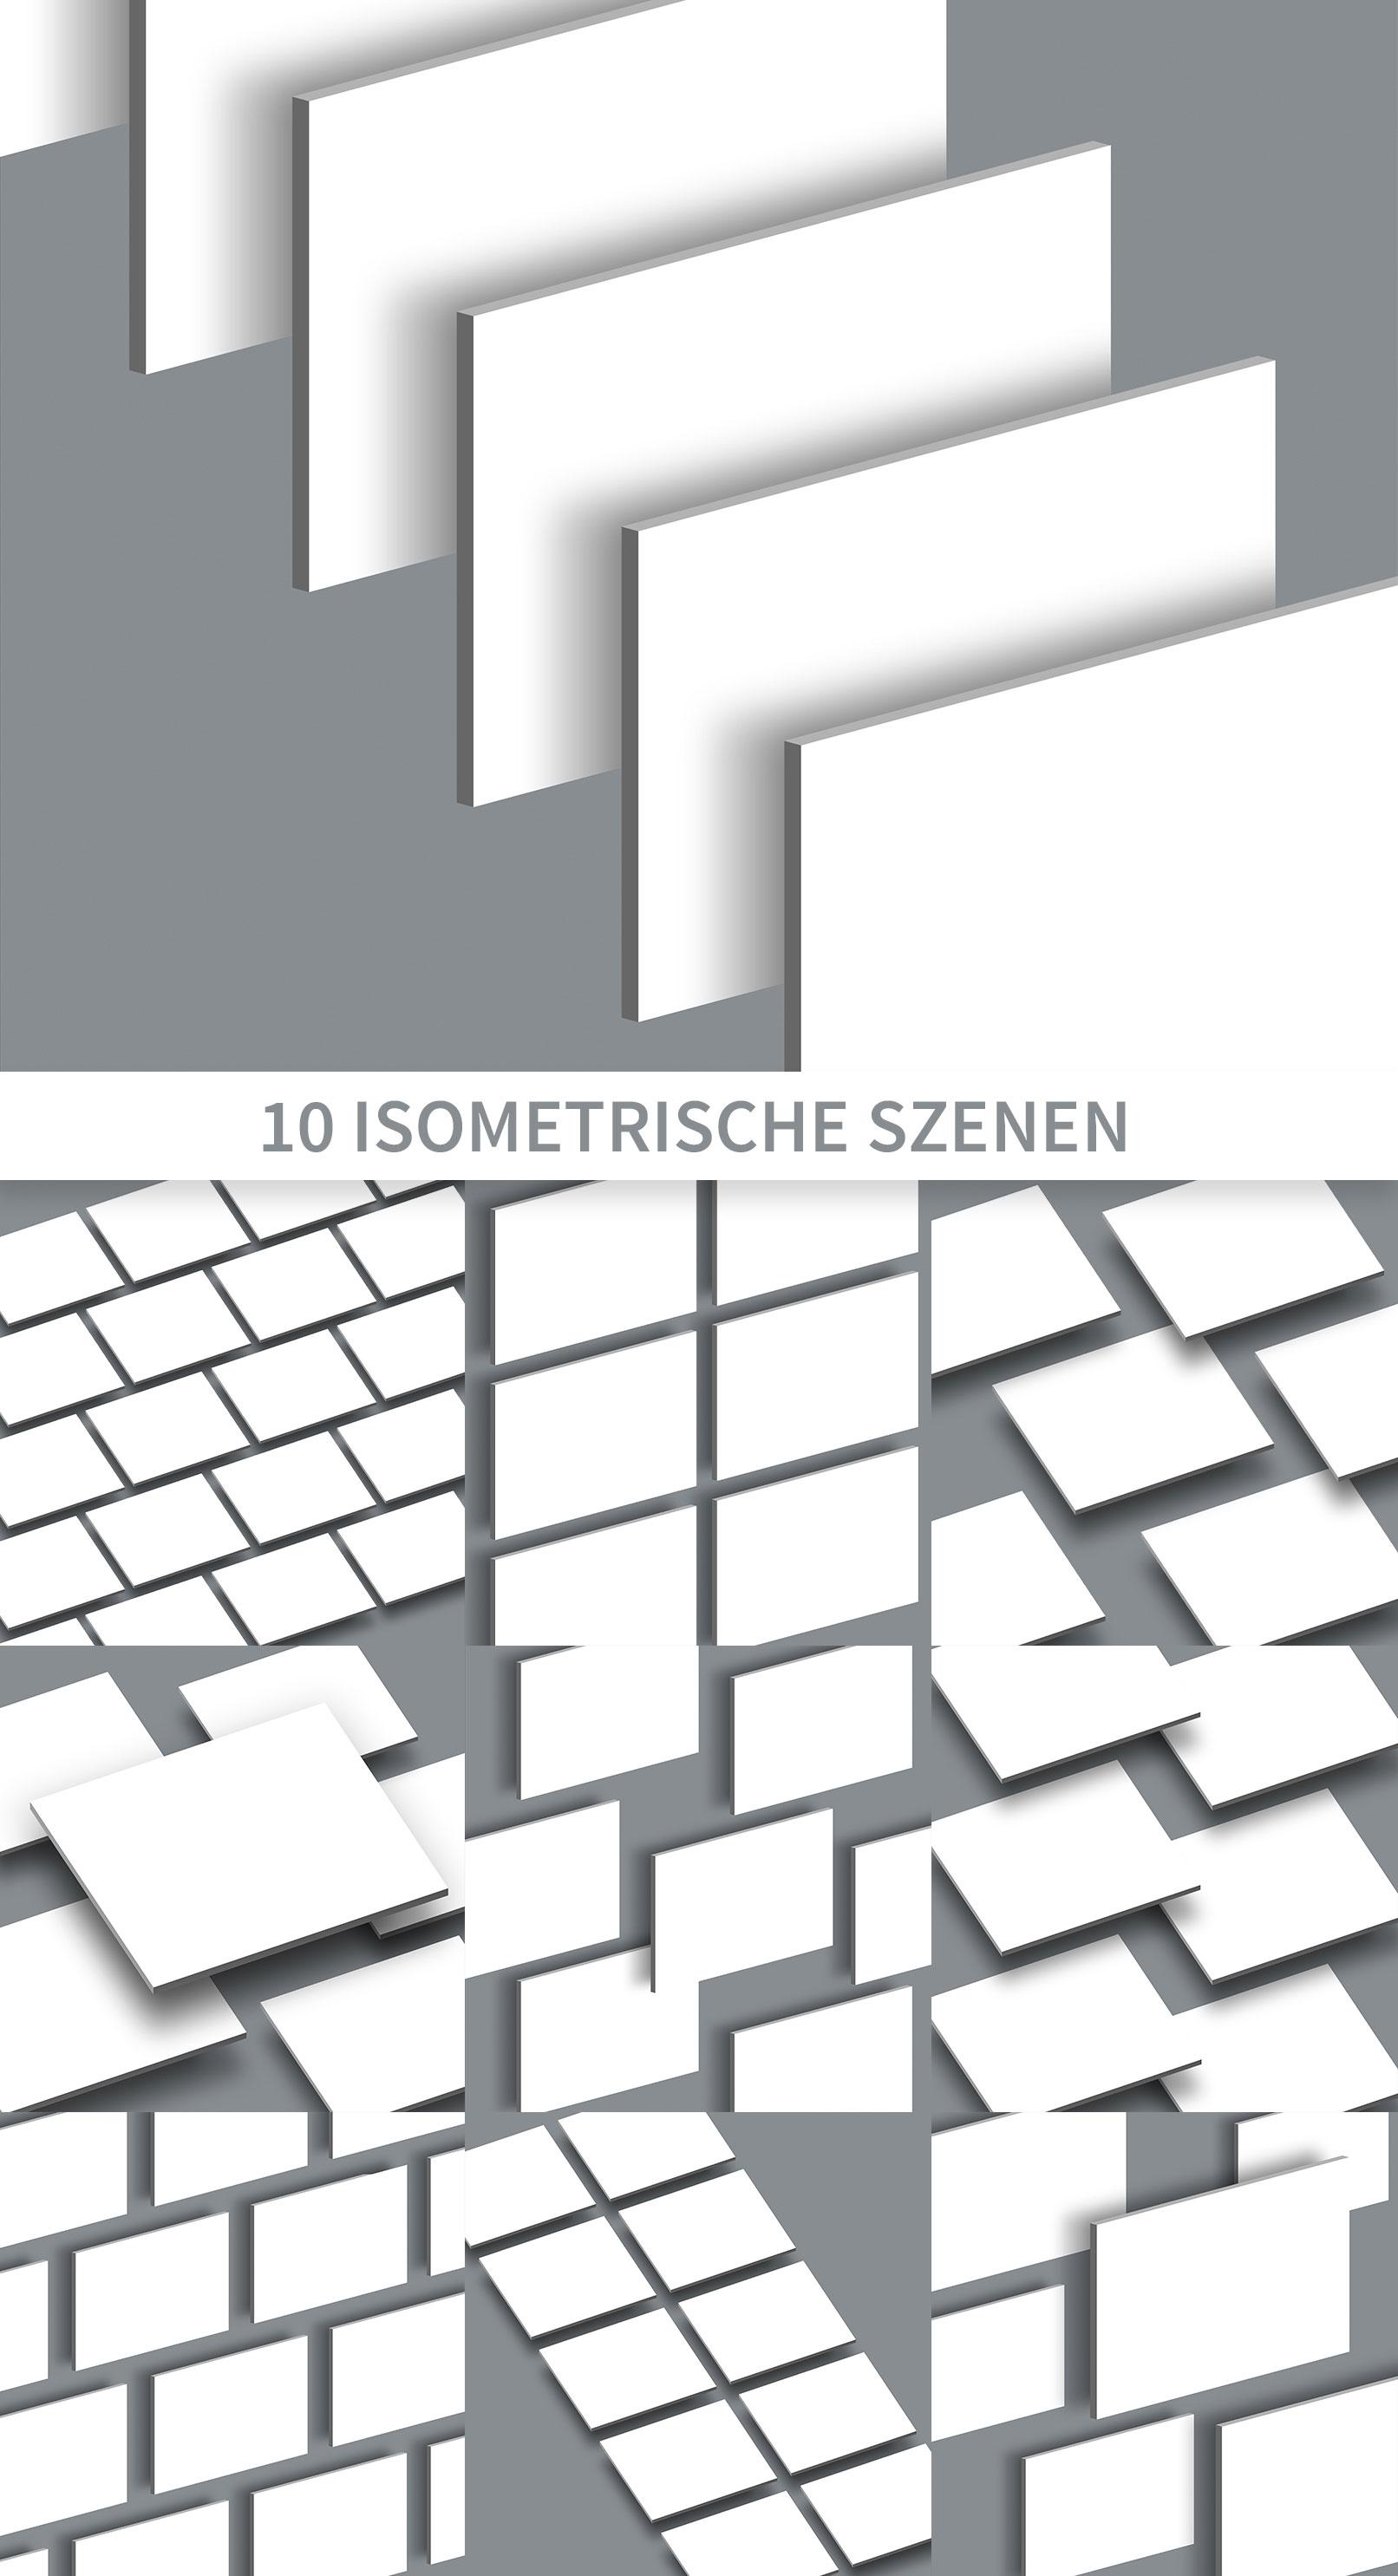 Photoshop-Mockups für Präsentationsfolien im 4:3-Format in isometrischer Darstellung